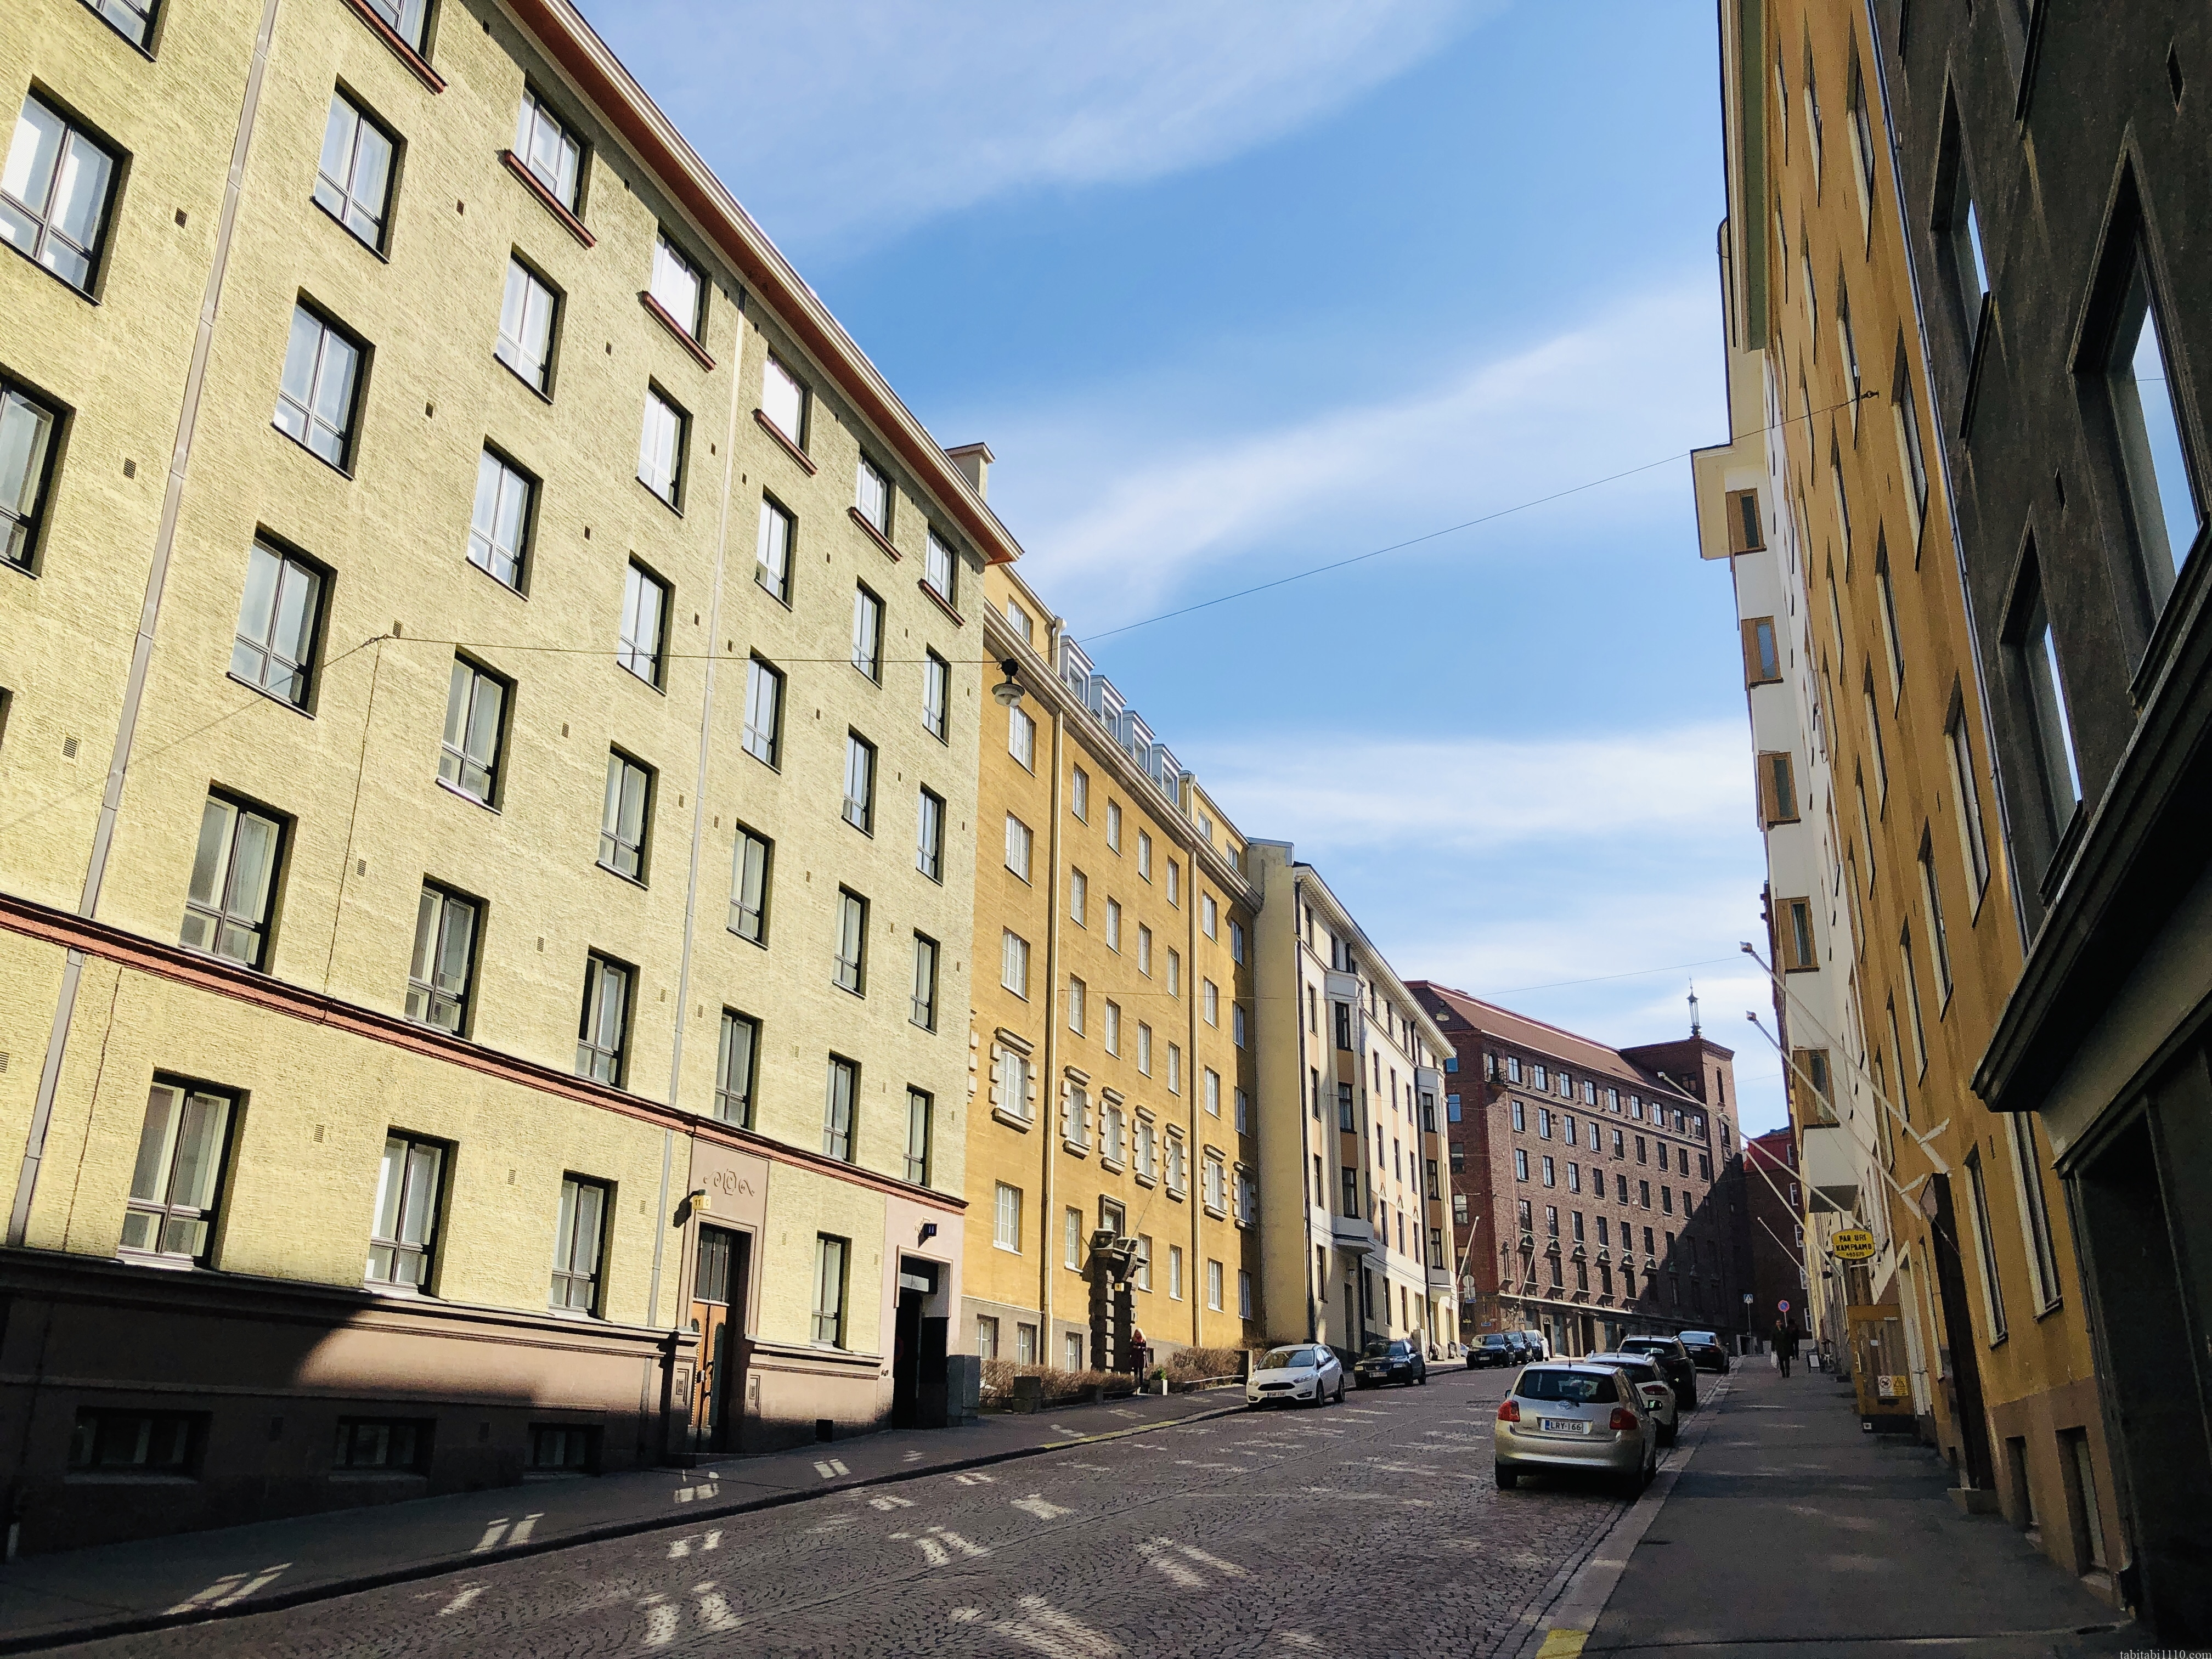 ヘルシンキ住宅街